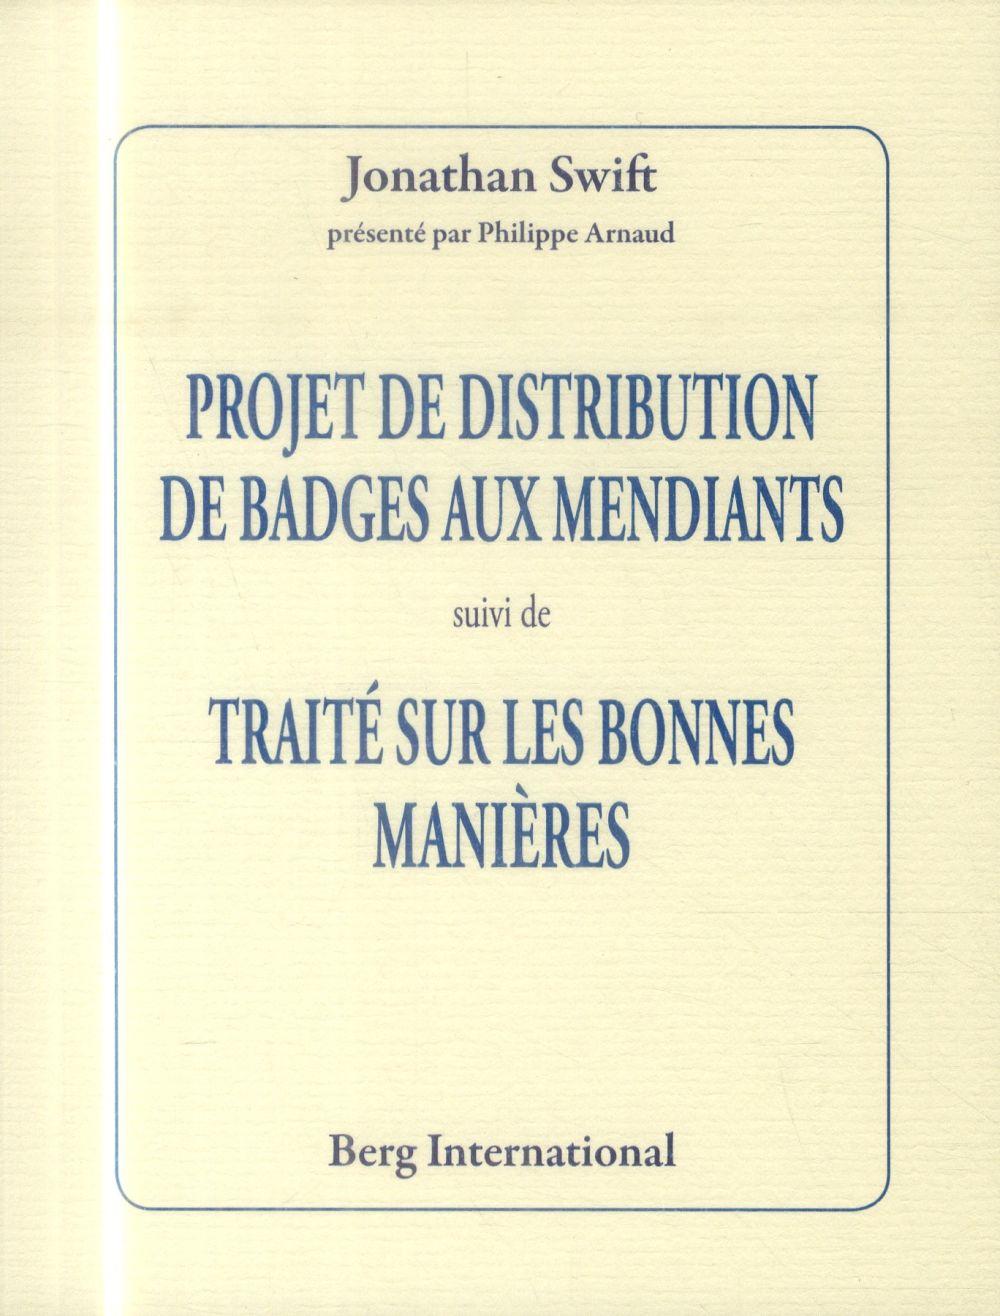 Projet de distribution de badges aux mendiants ; traité sur les bonnes manières